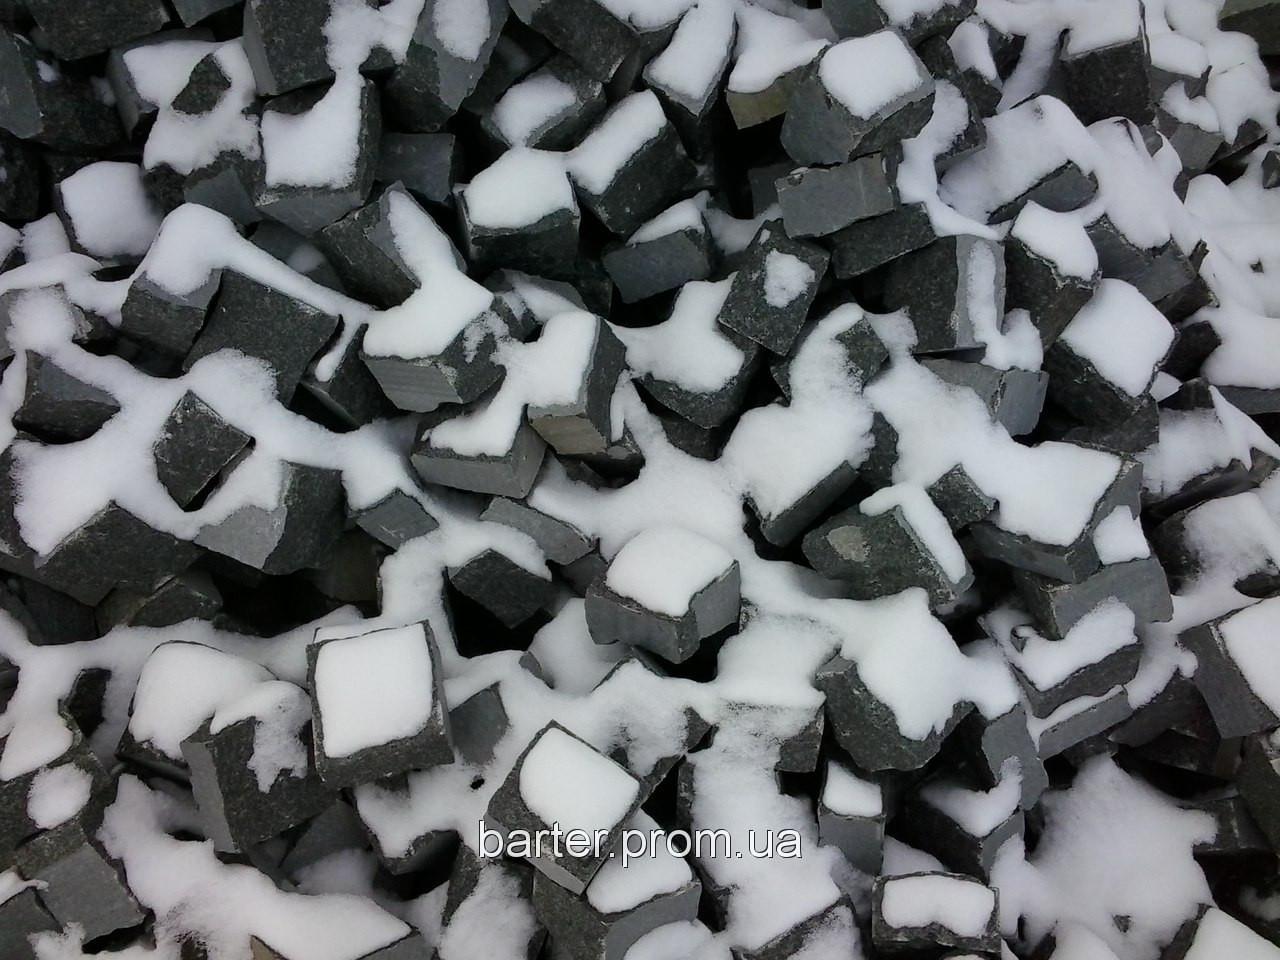 Производство брусчатки гранитной 5*5*5 колотая цена